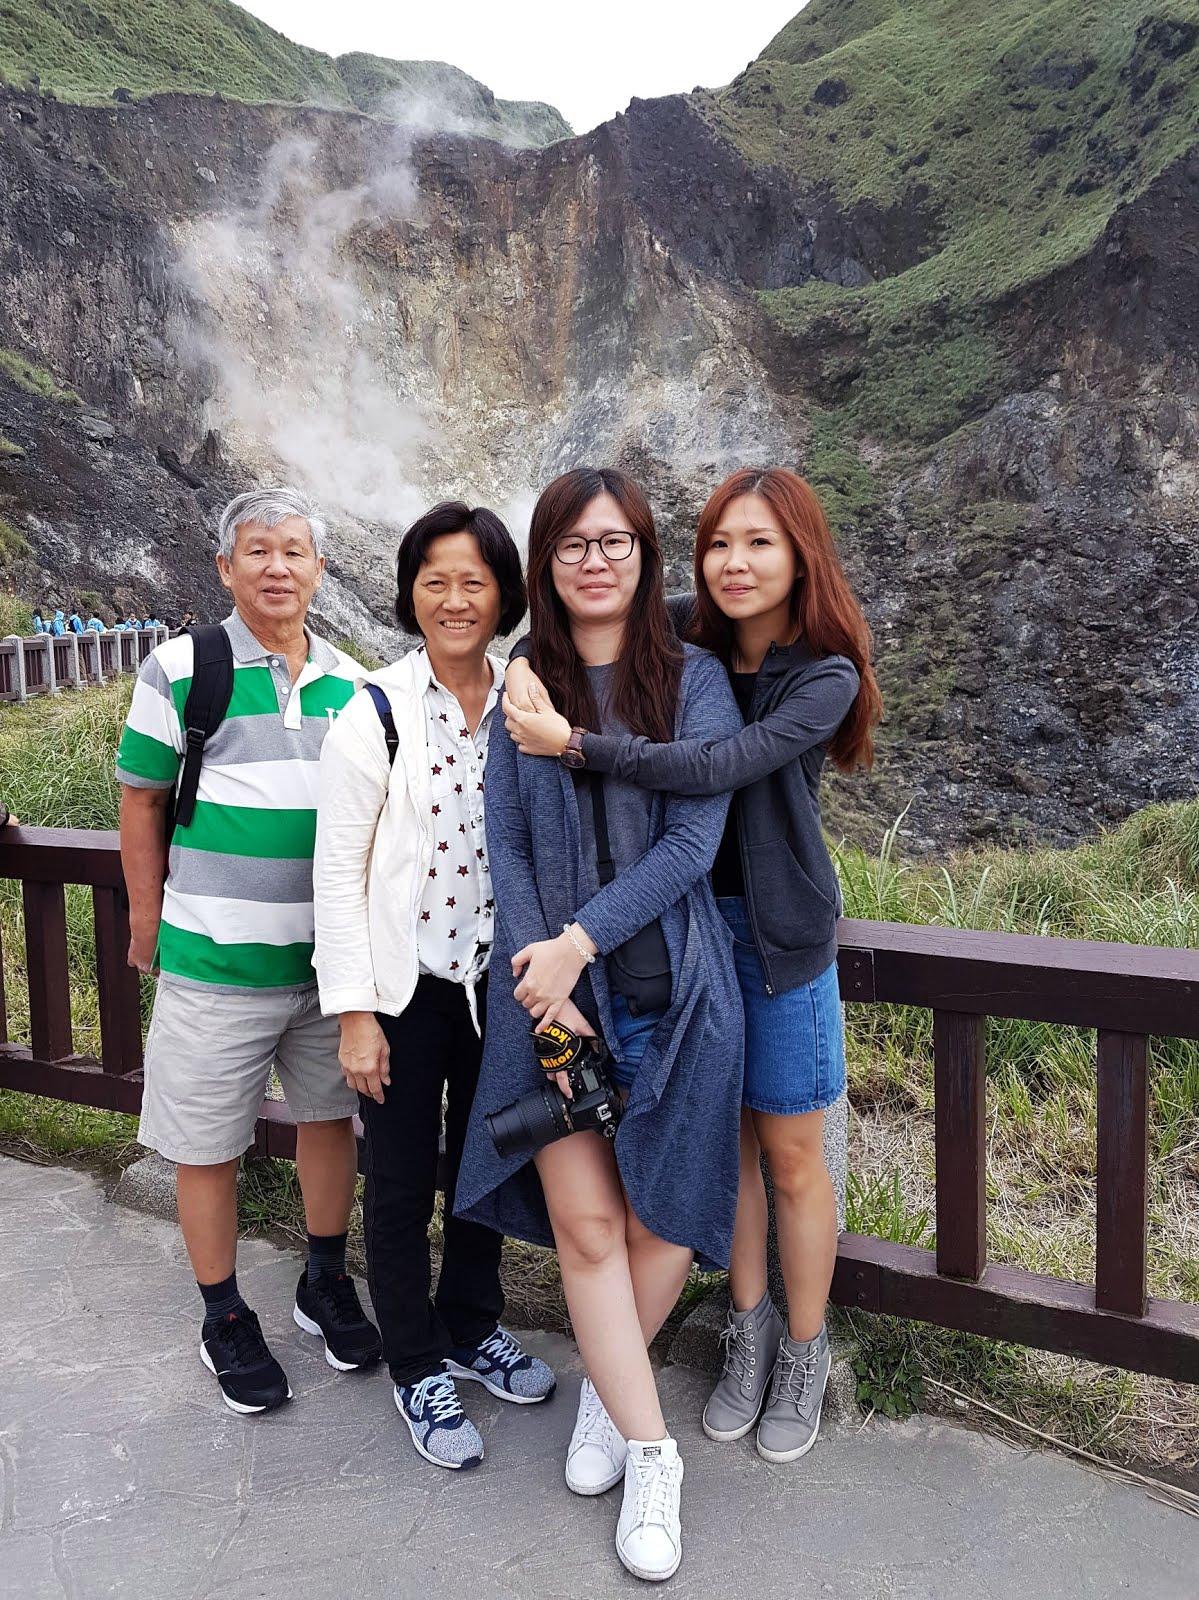 臺灣北部陽明山 Taiwan